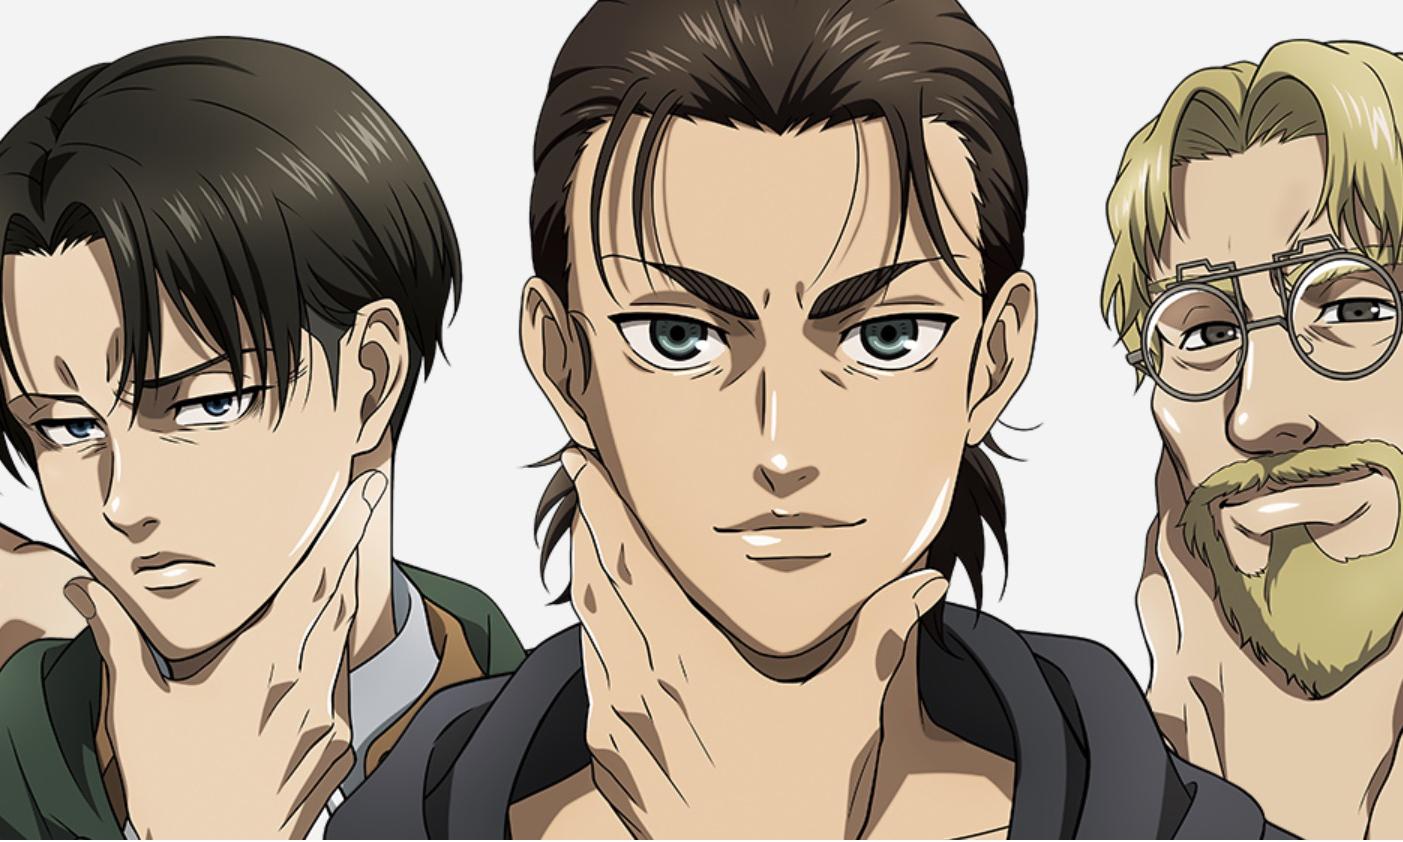 梦幻联动,《进击的巨人》x 资生堂打造男士护肤品系列